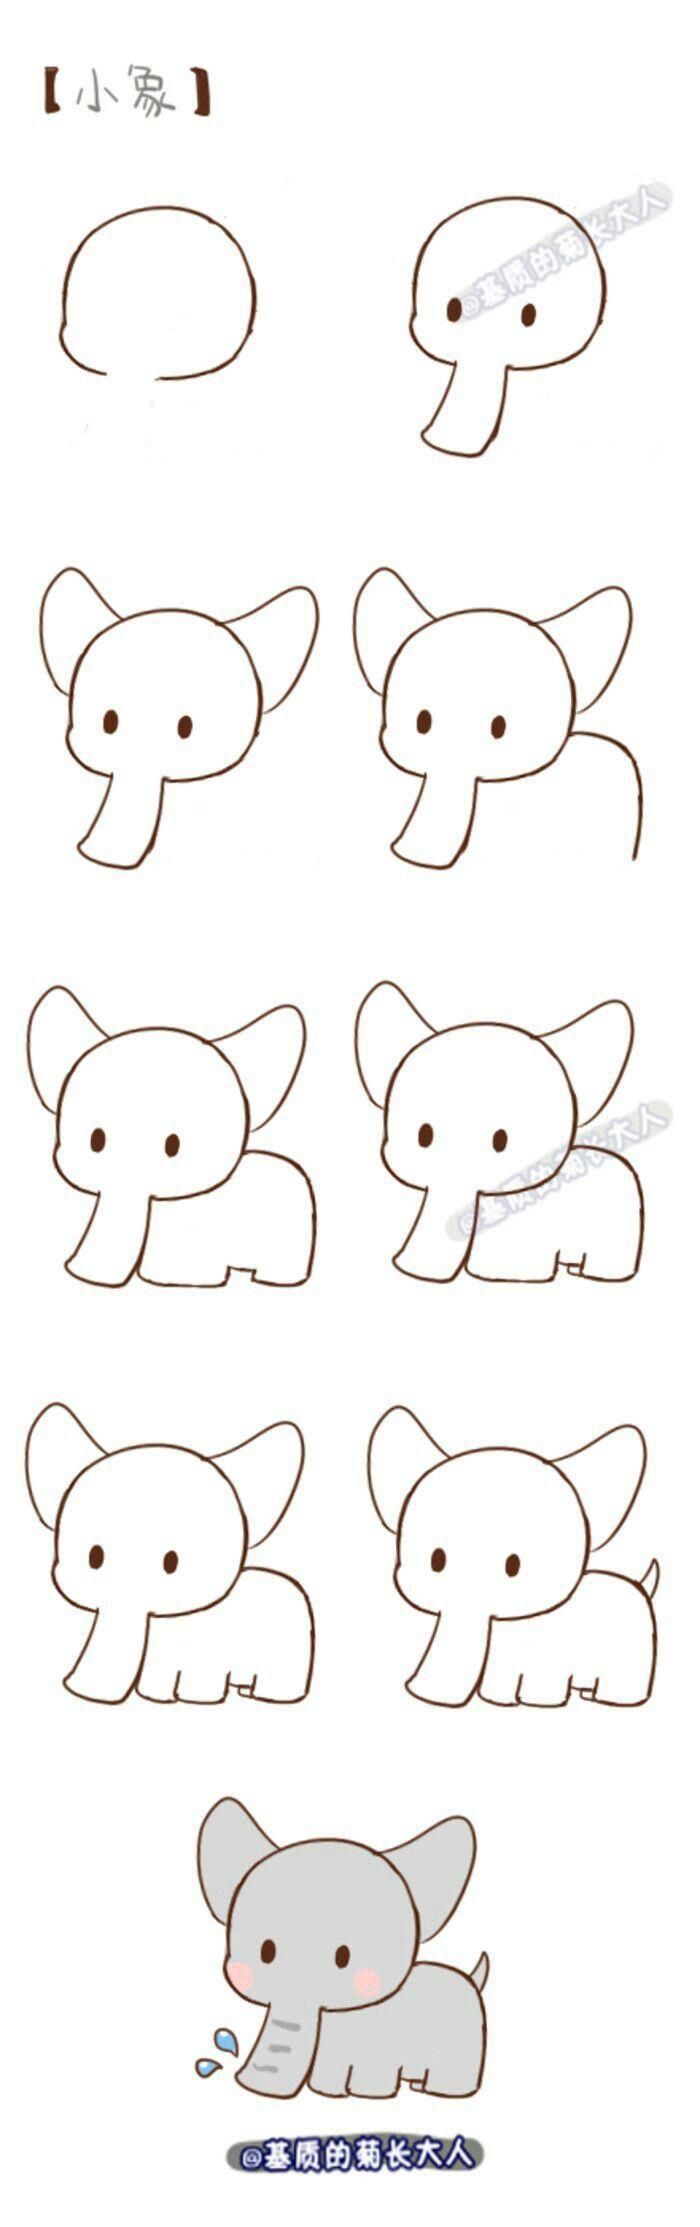 How To Draw A Cute Elephant Easy   PeepsBurgh